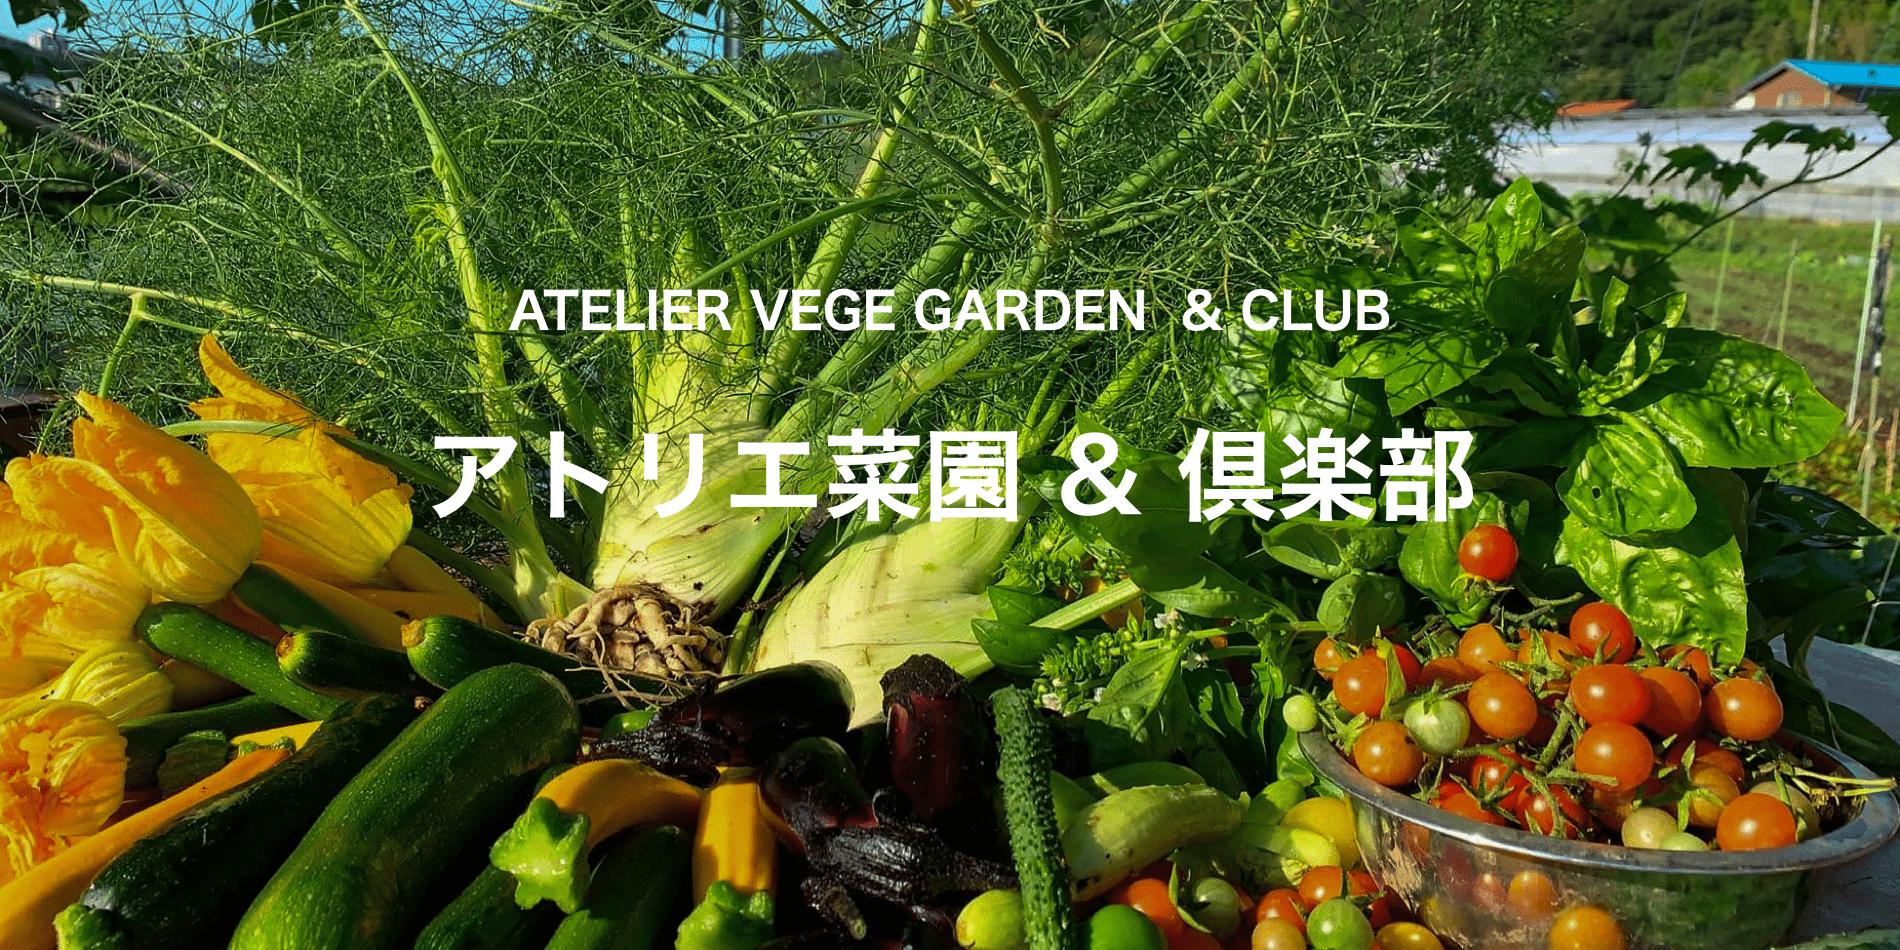 アトリエキッチン菜園・アトリエ菜園倶楽部